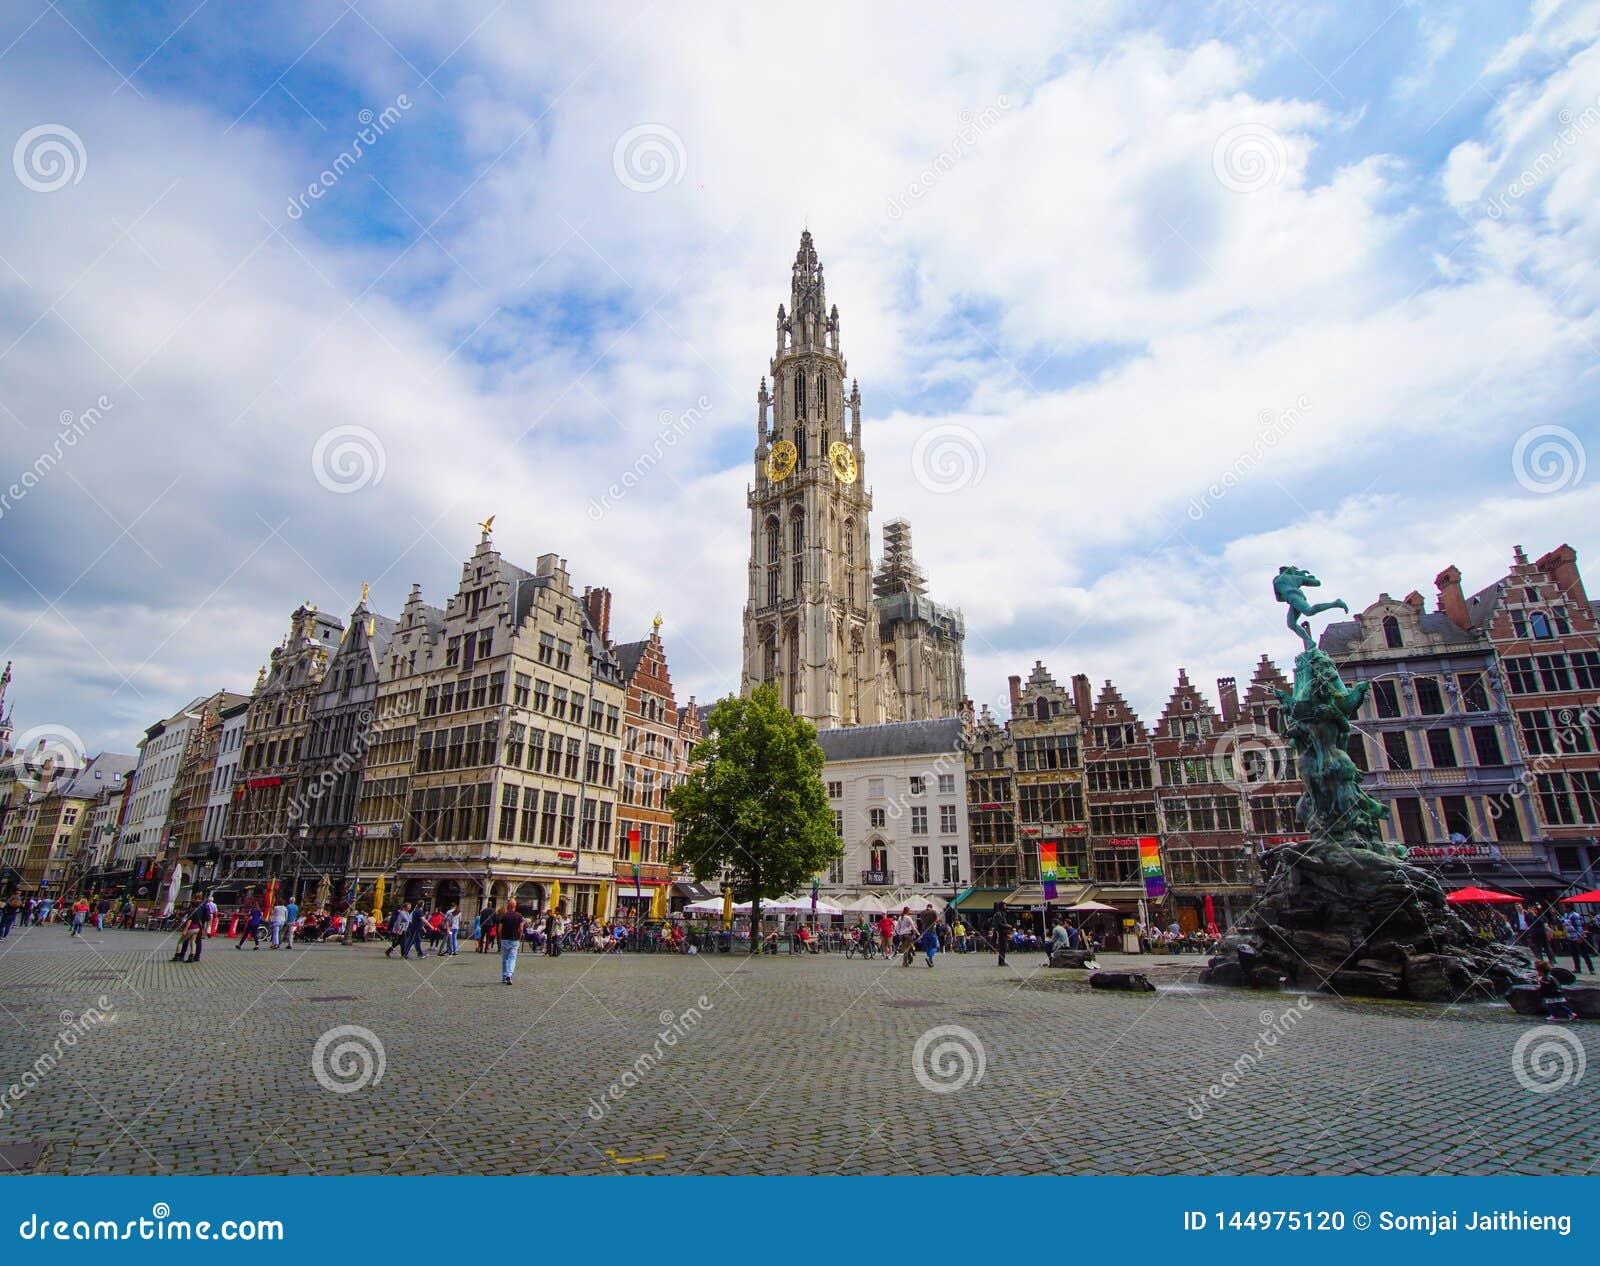 Rue de Meir, tour isolée de la cathédrale de notre dame, fontaine avec la statue de Brabo dans la place de Grote Markt avec le